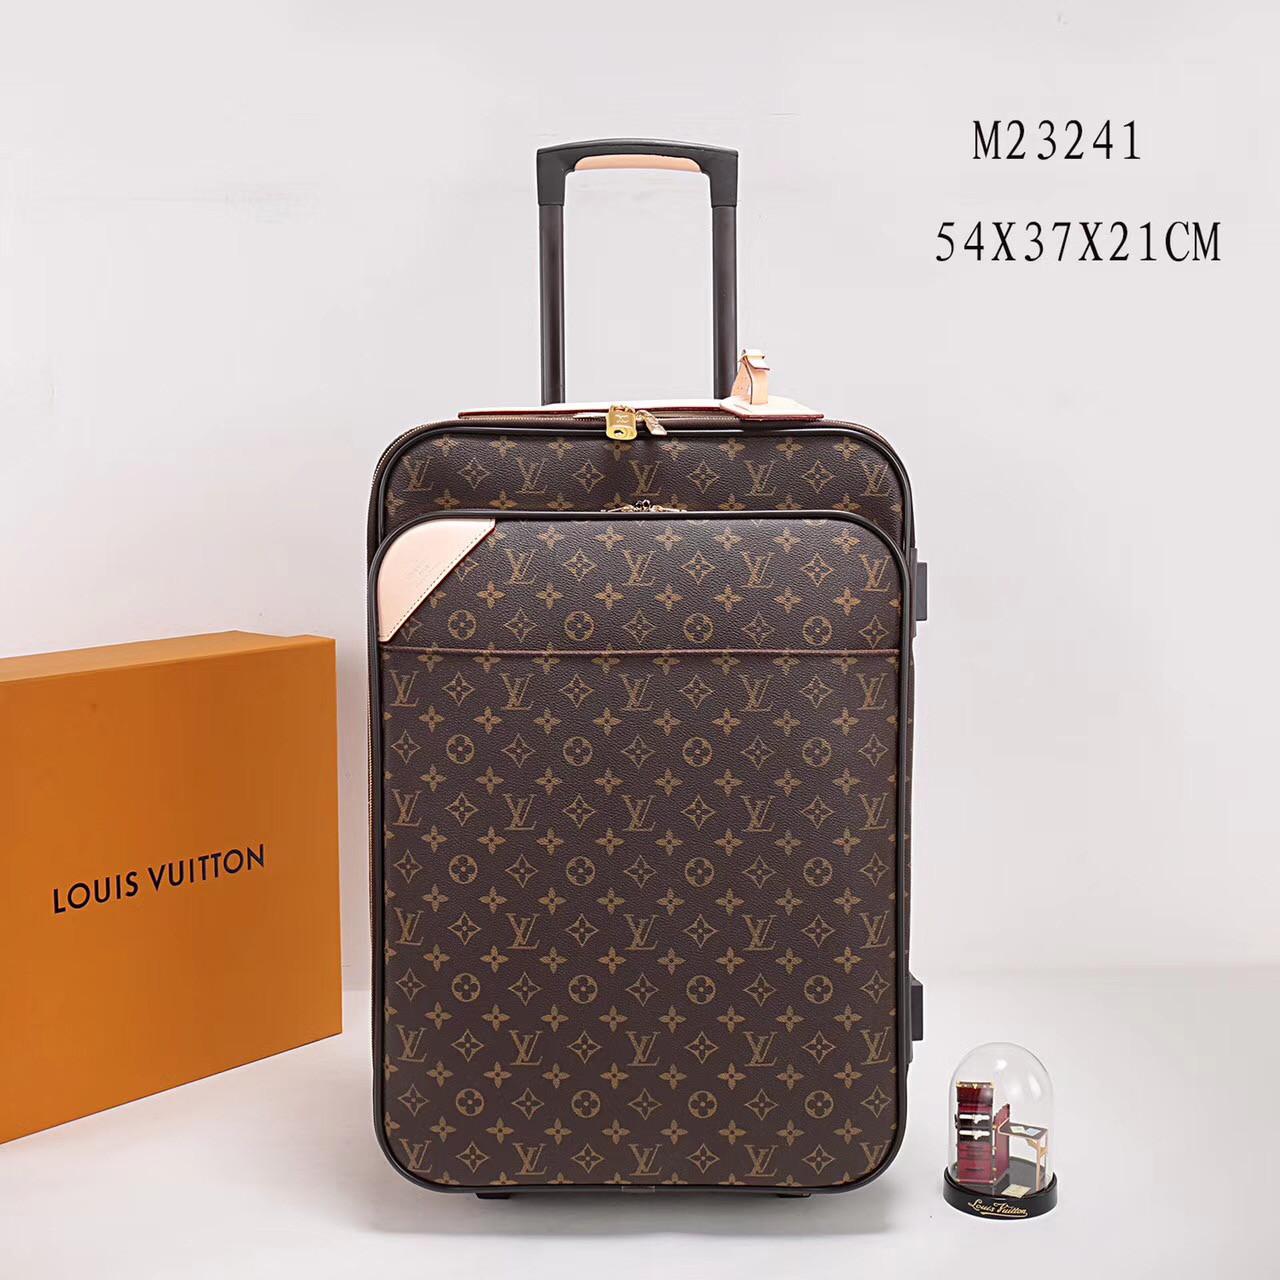 faee0eb4519a Дорожный чемодан Louis Vuitton, цена 11 900 грн., купить в Киеве ...